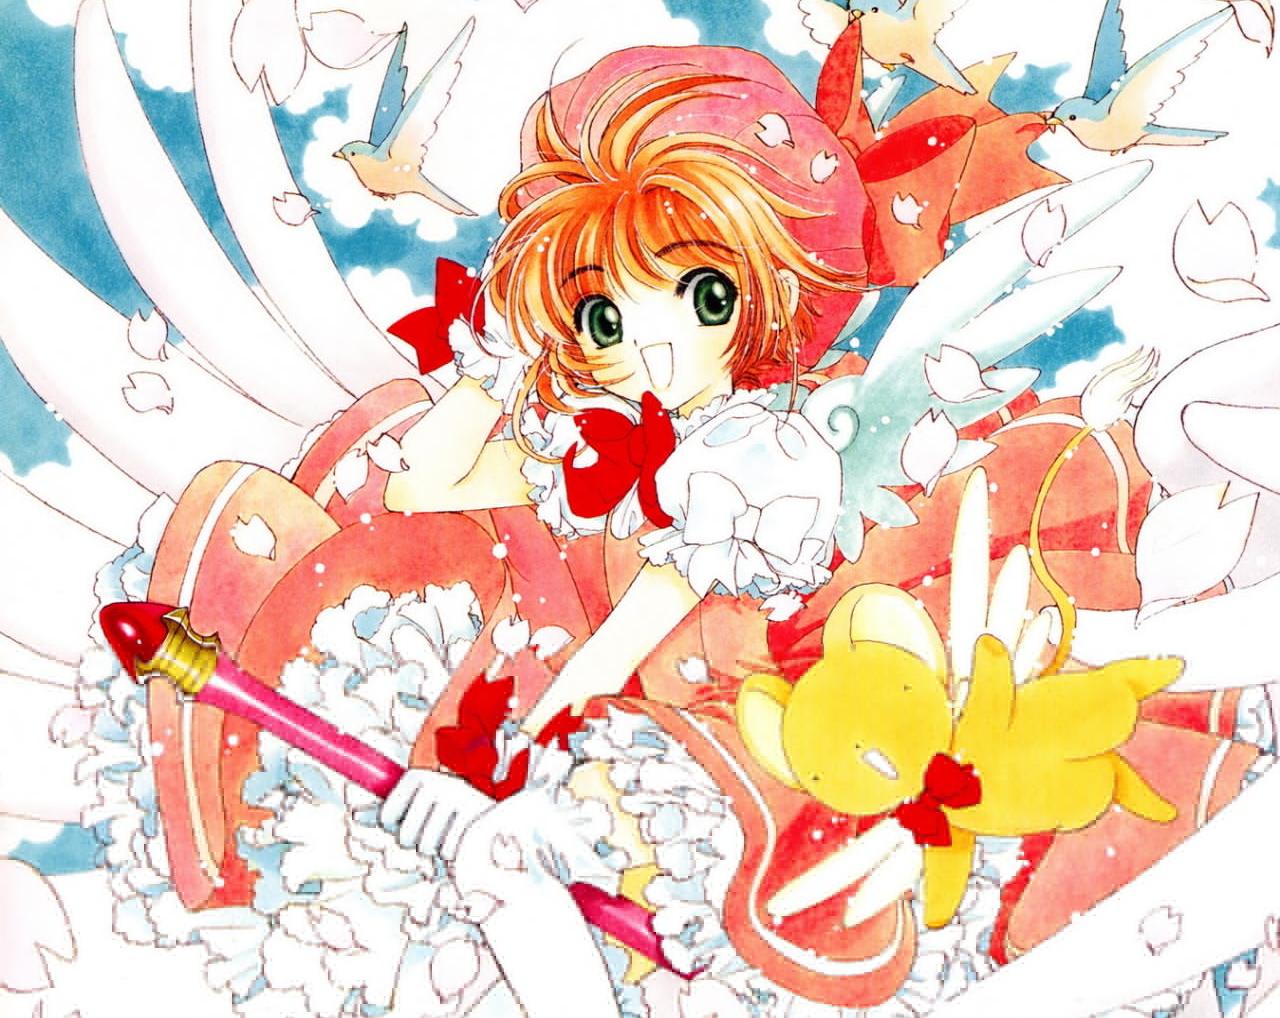 CLAMP publicará un nuevo manga de Card Captor Sakura